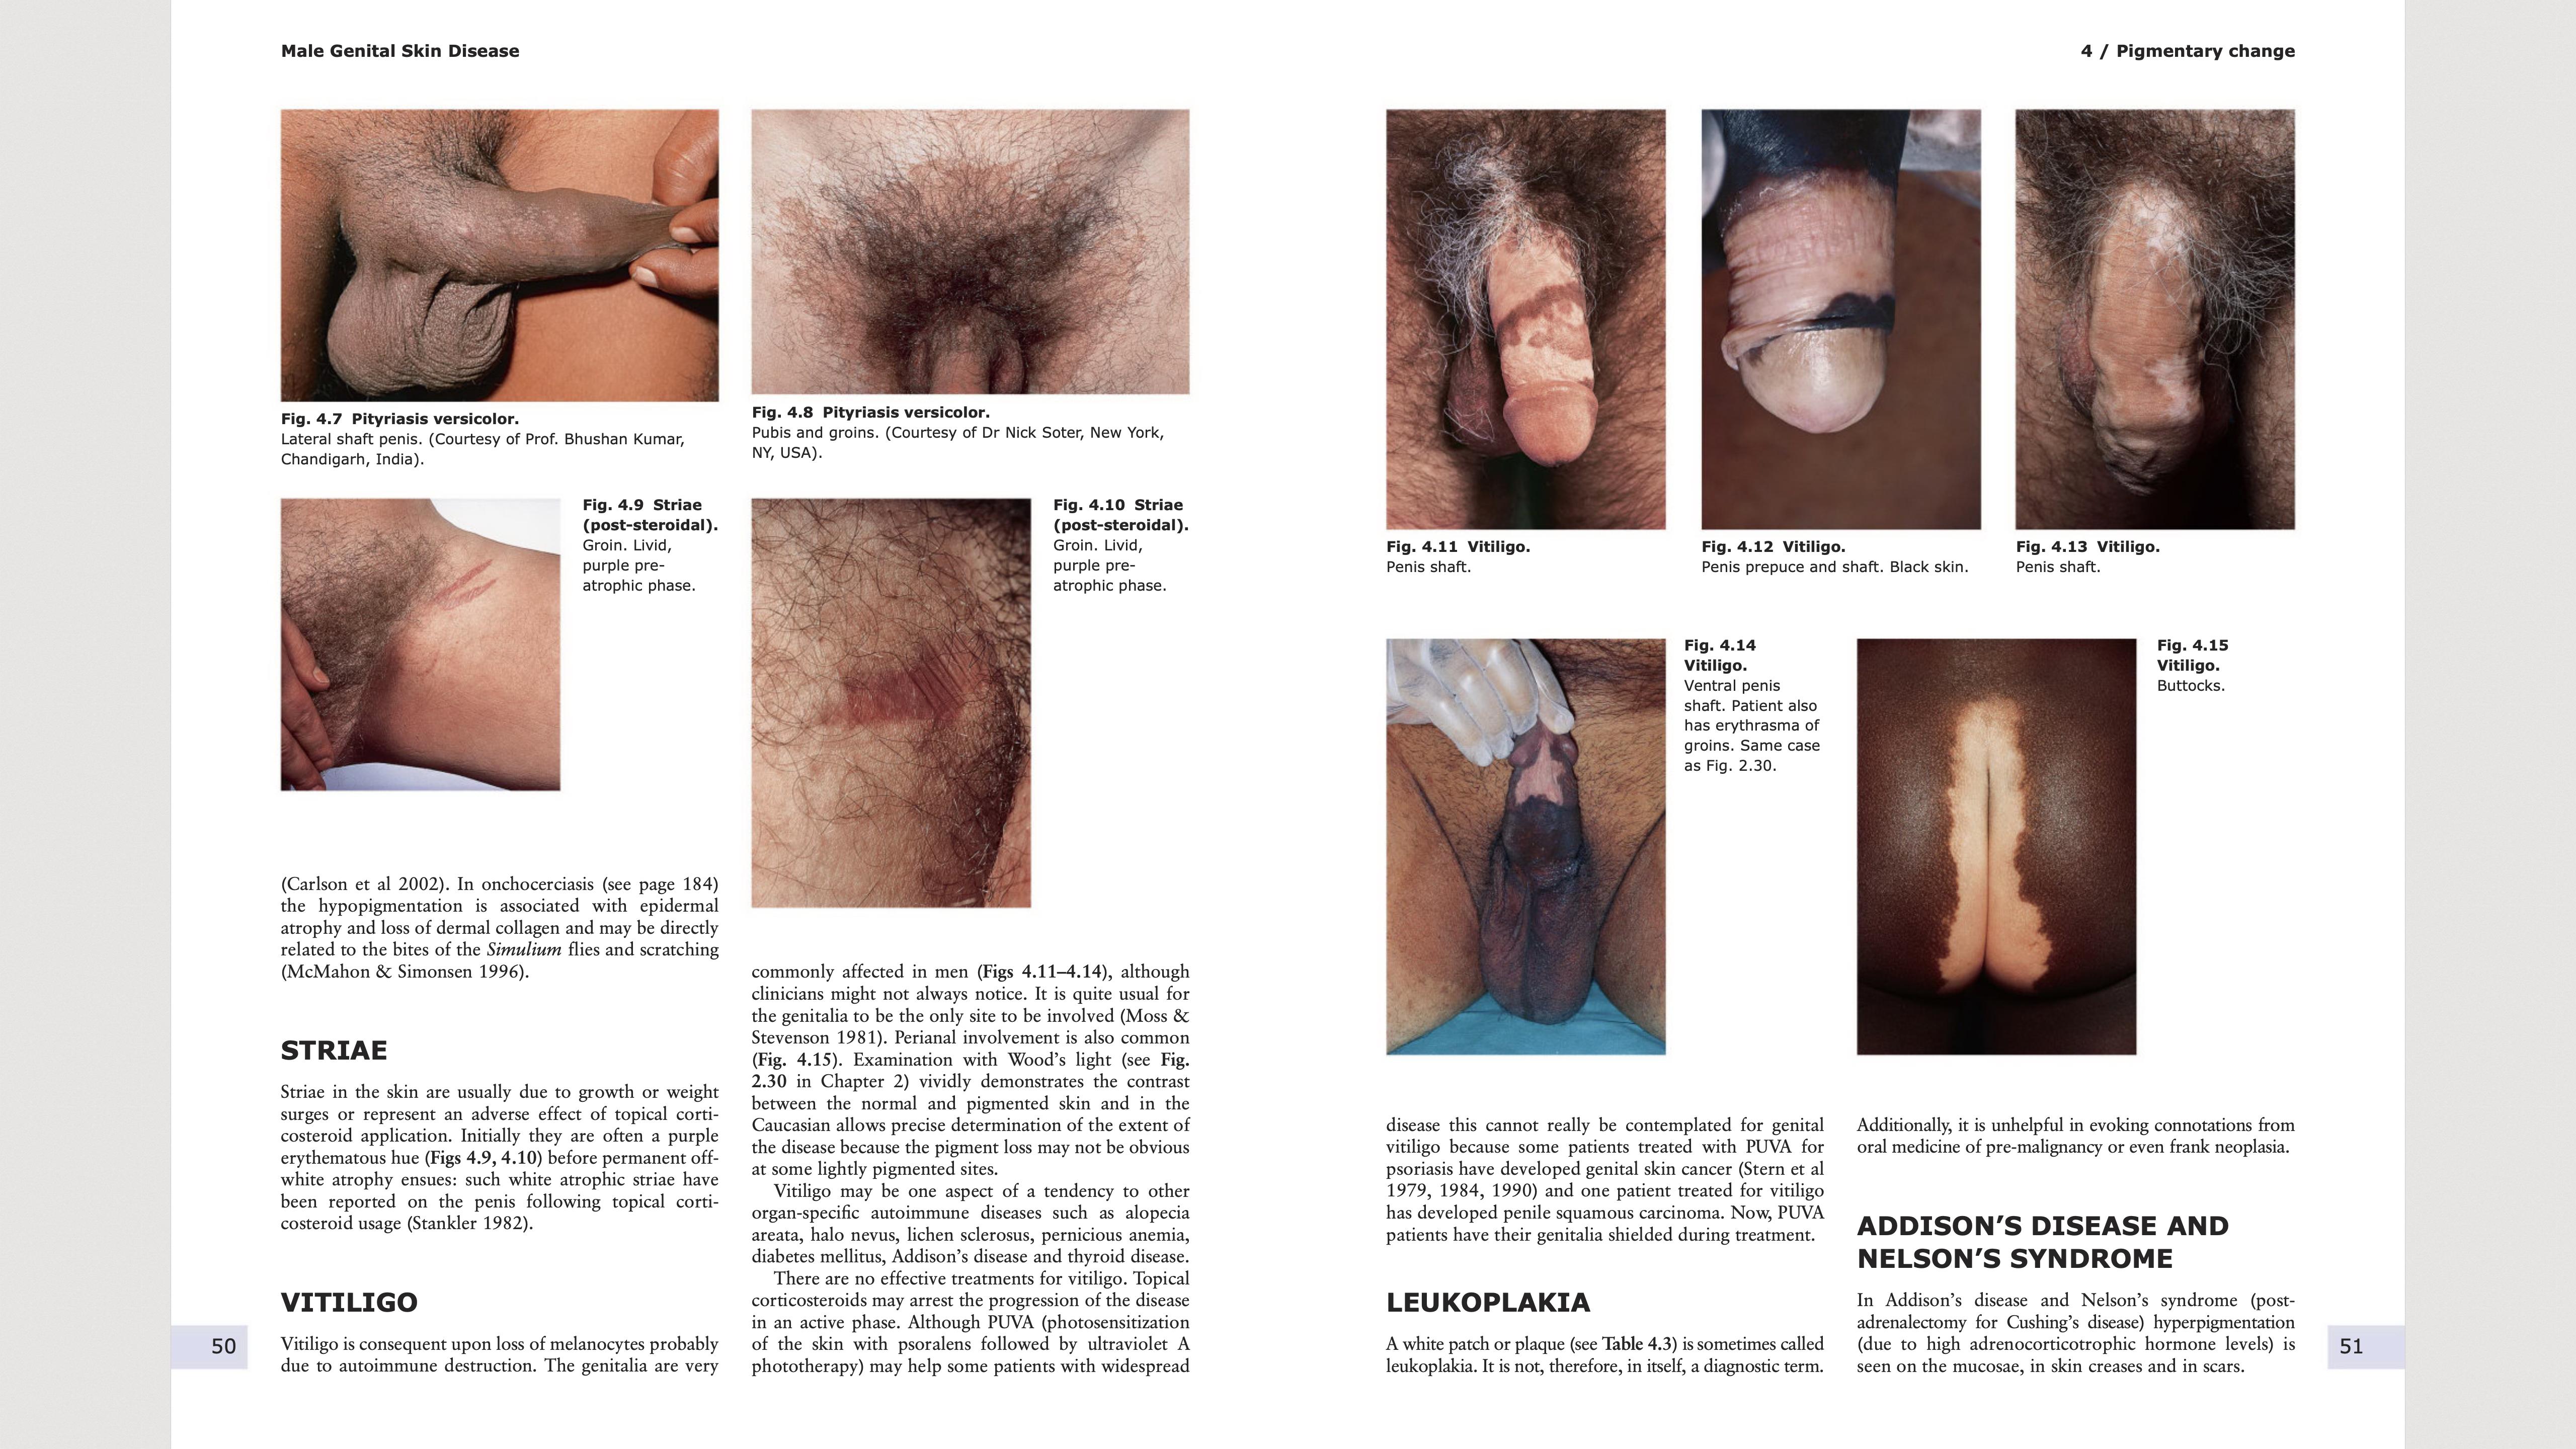 Male genital Skin Disease pages 50-51